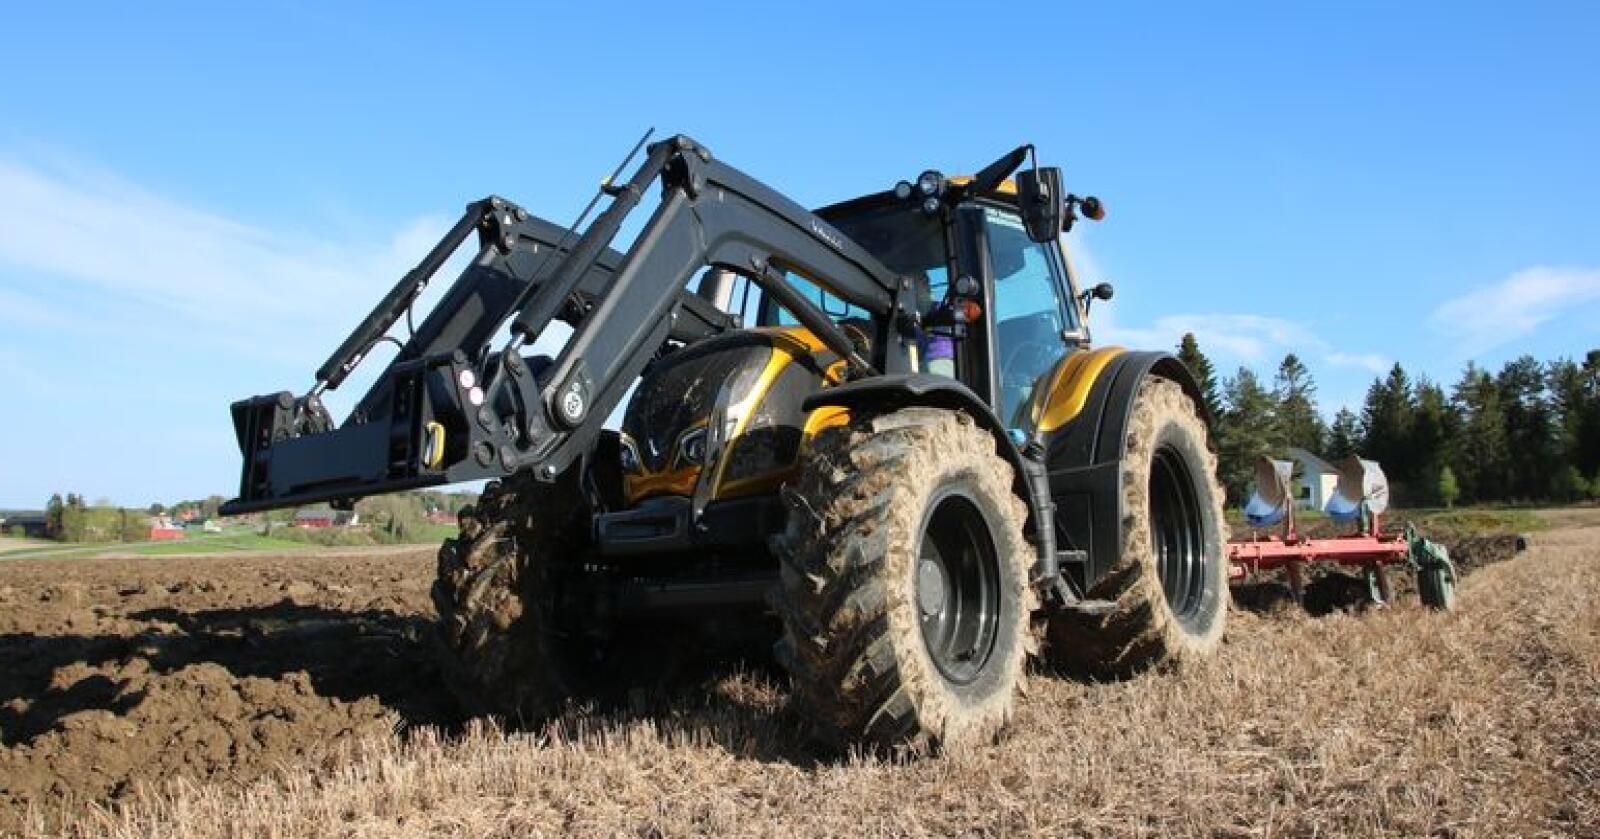 Populær modell: Valtra N174 ble den mest registrerte enkeltmodellen i Finland i 2018. Her ser du traktoren i aksjon med plog under vår prøvekjøring, som du kan lese i Traktor nr. 4/2017. Foto: Trond Martin Wiersholm